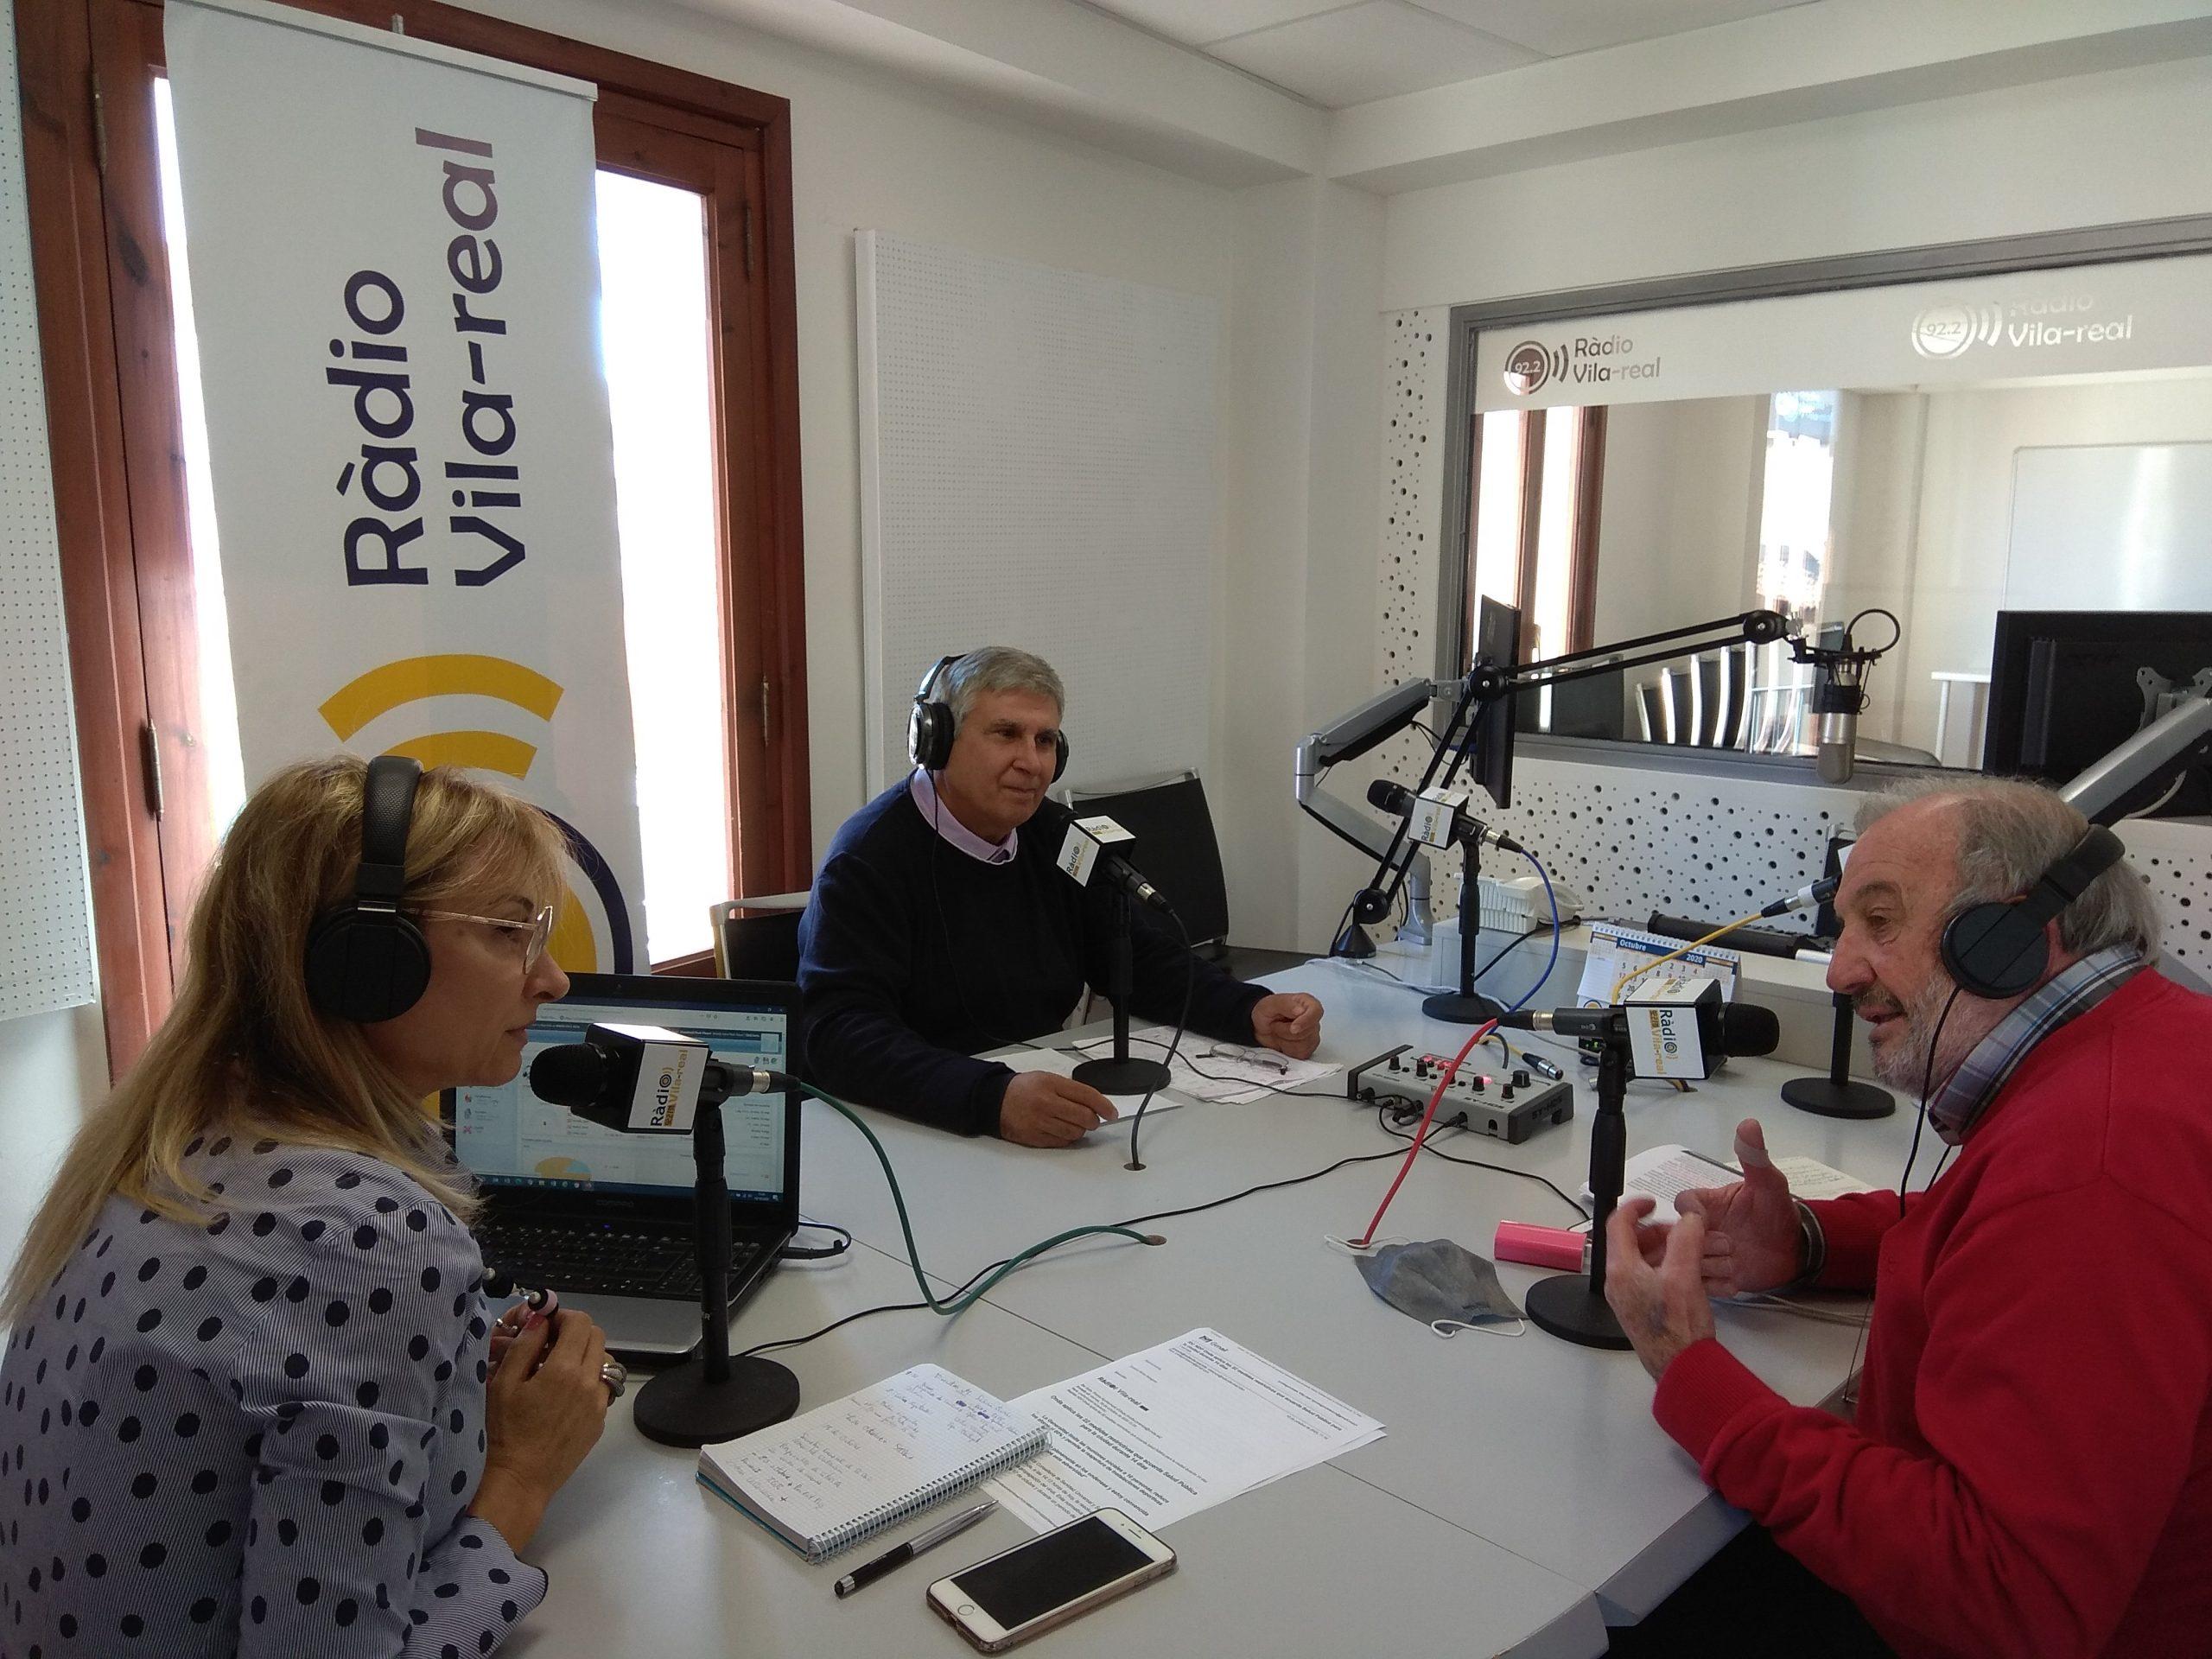 Escucha nuestra sección de agricultura con Víctor Viciedo y Pepe Montagut